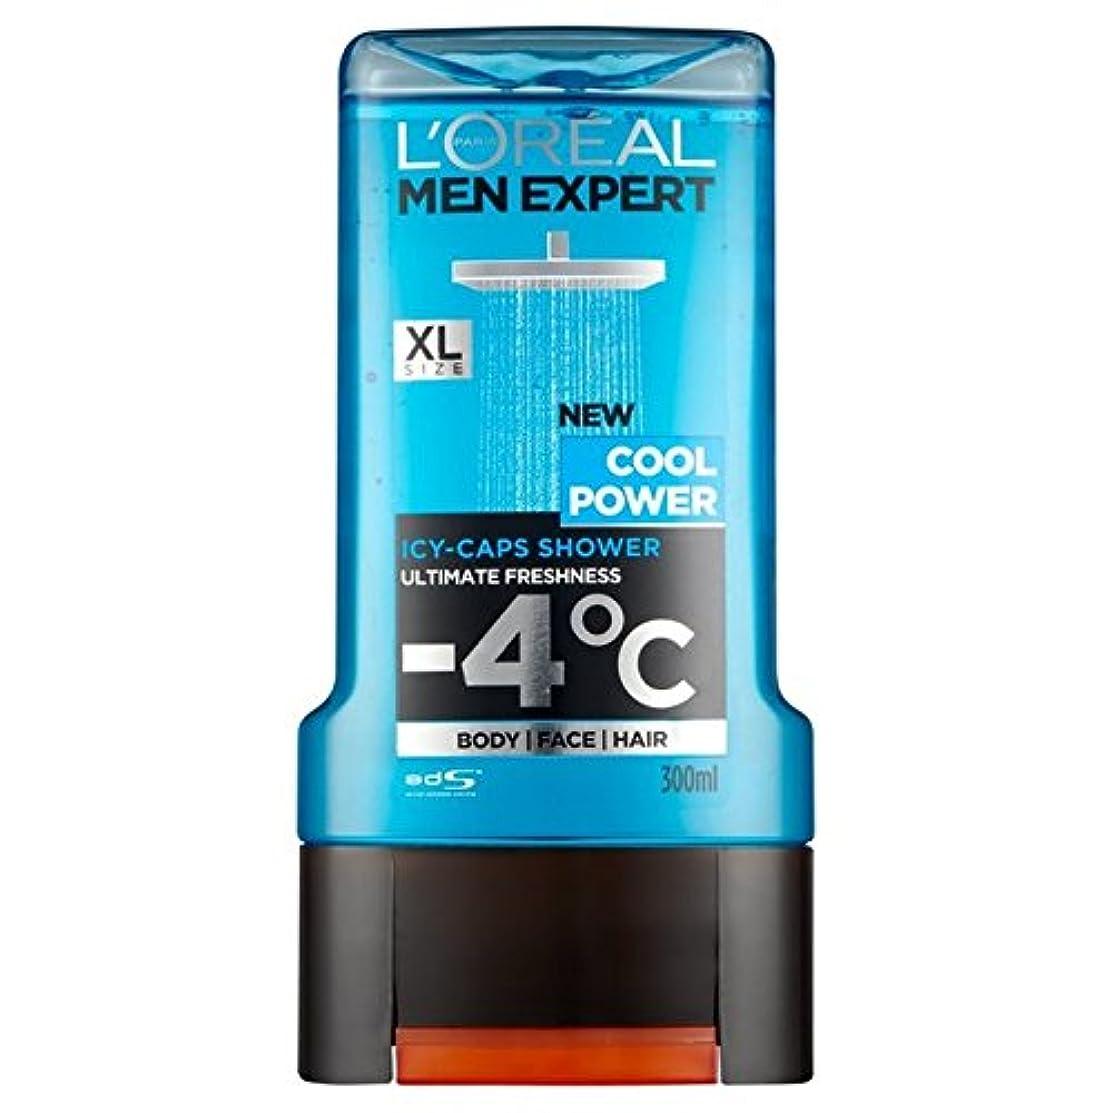 非常にマトリックス気を散らすロレアルパリの男性の専門家のクールなパワーシャワージェル300ミリリットル x4 - L'Oreal Paris Men Expert Cool Power Shower Gel 300ml (Pack of 4) [並行輸入品]